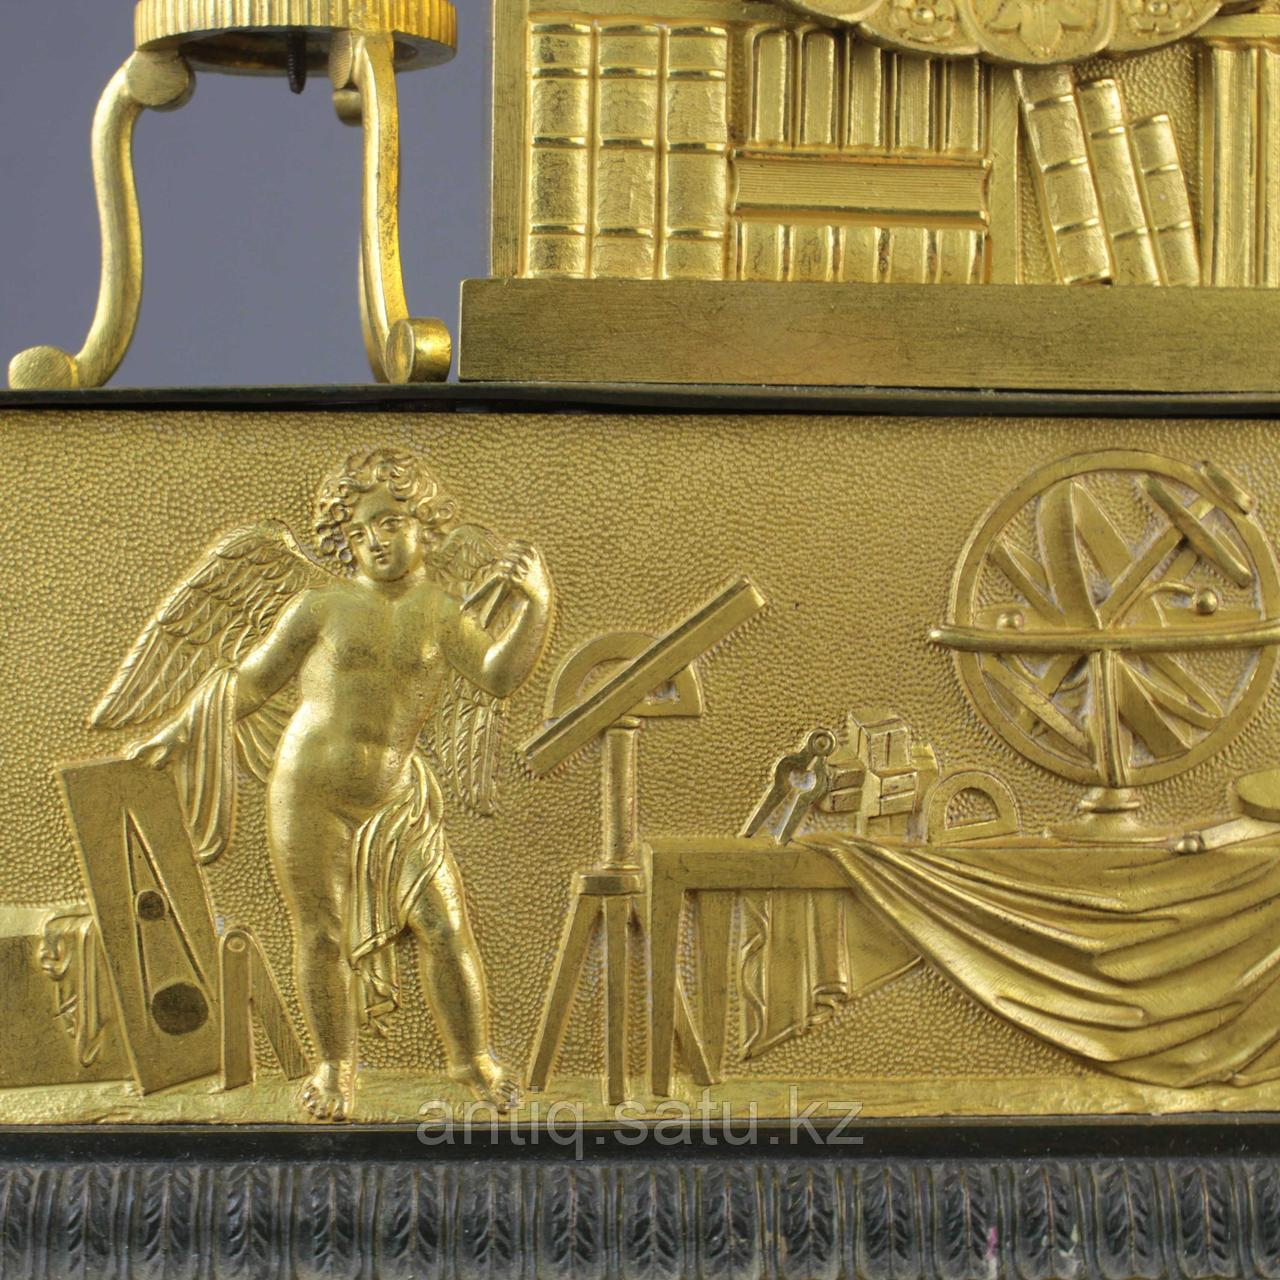 «Аллегория науки» Кабинетные эпохи Ампир. Франция. I половина XIX века - фото 6